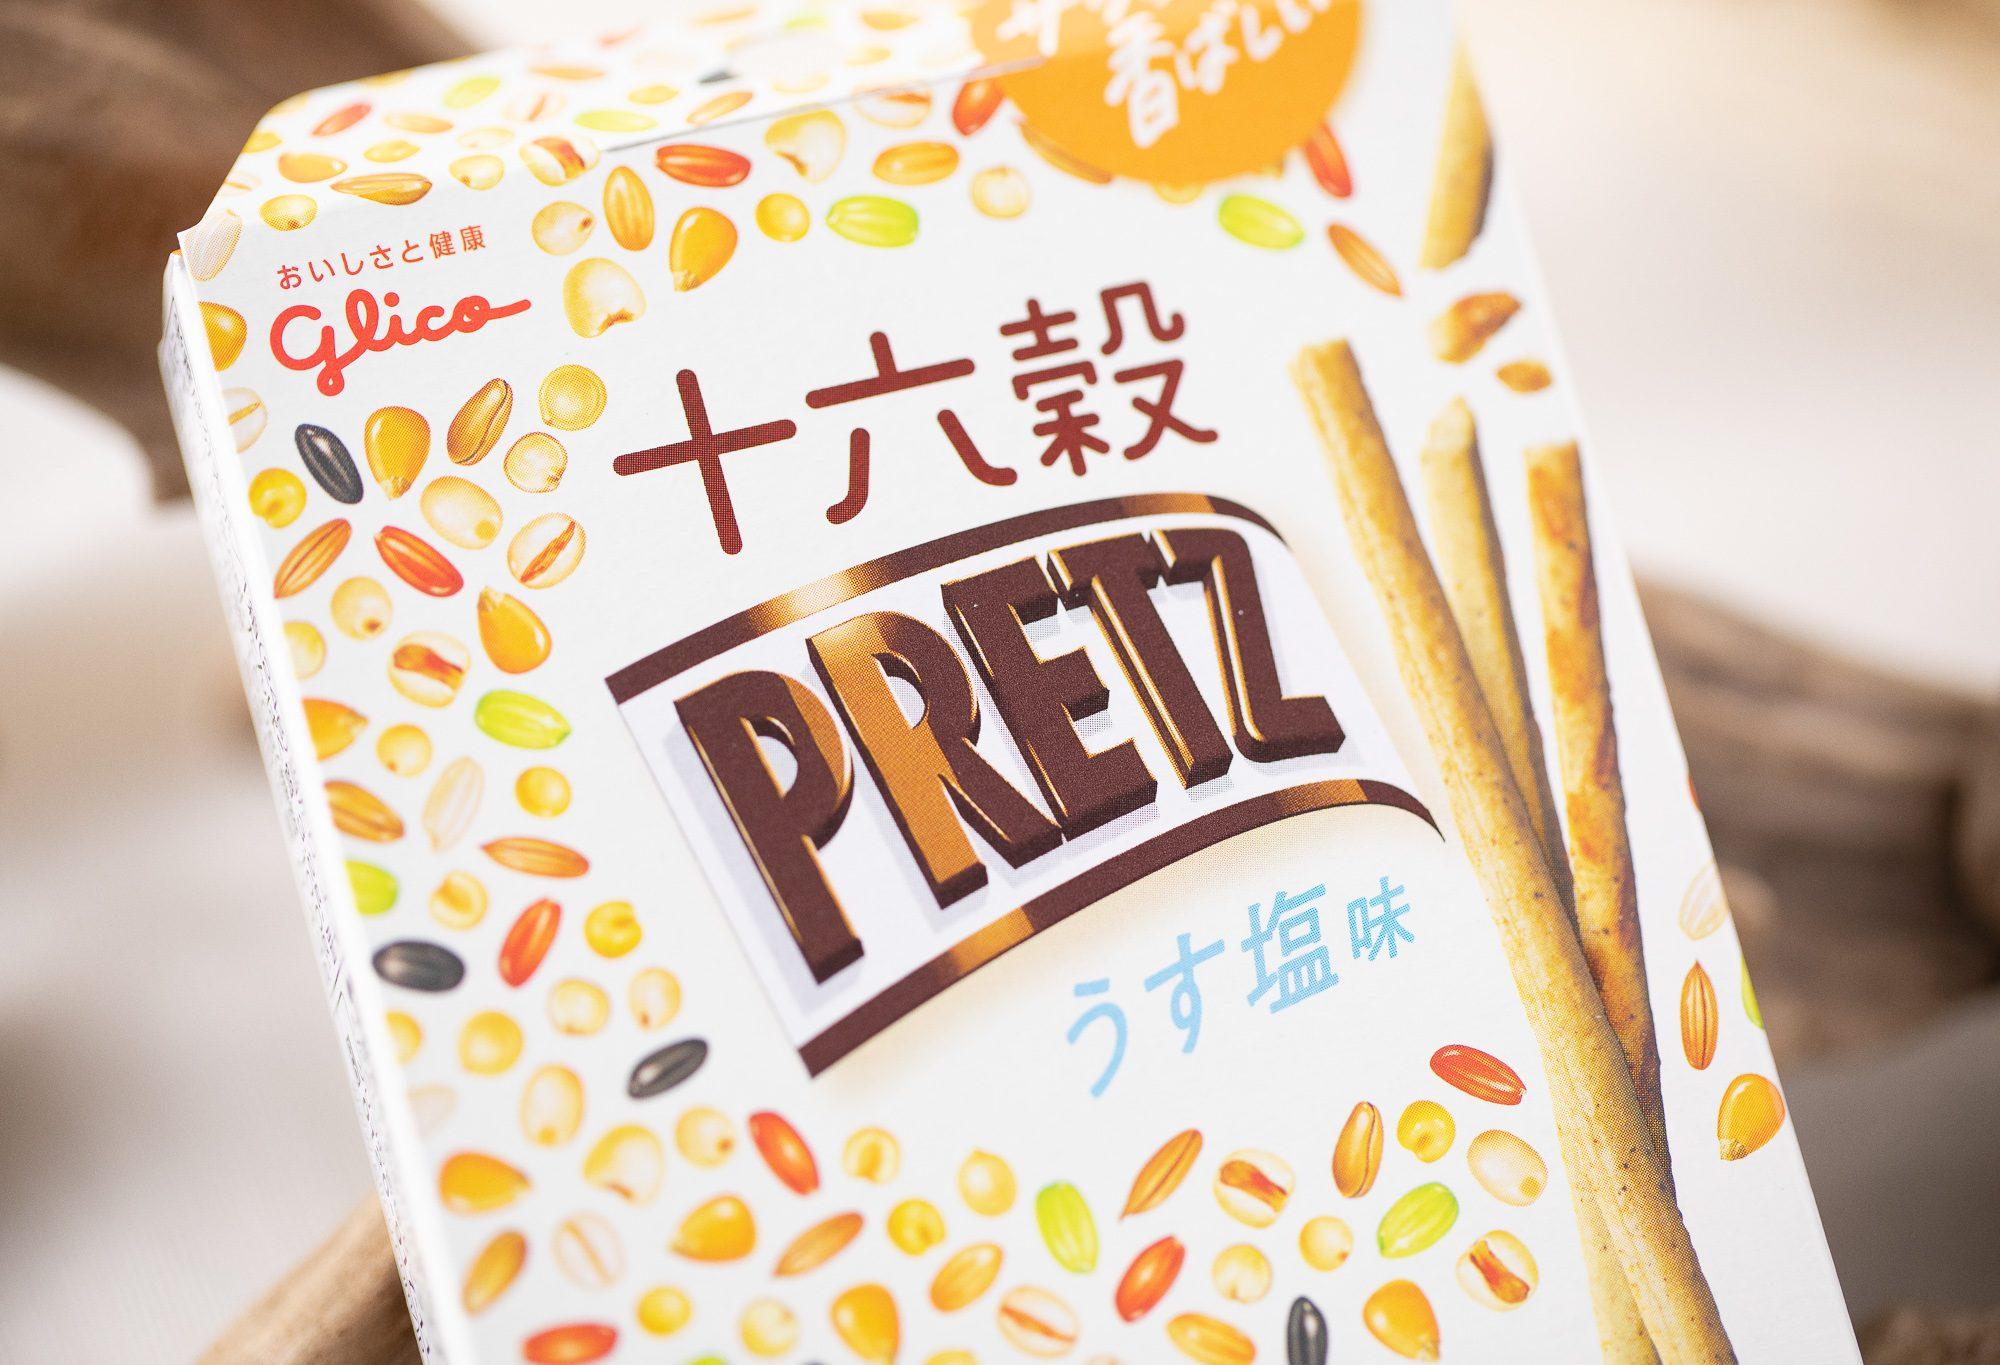 グリコ『十六穀プリッツ<うす塩味>』はザクバキ食感に穀物の旨味と香ばしい香りがギュッと詰まった大人系プリッツ!